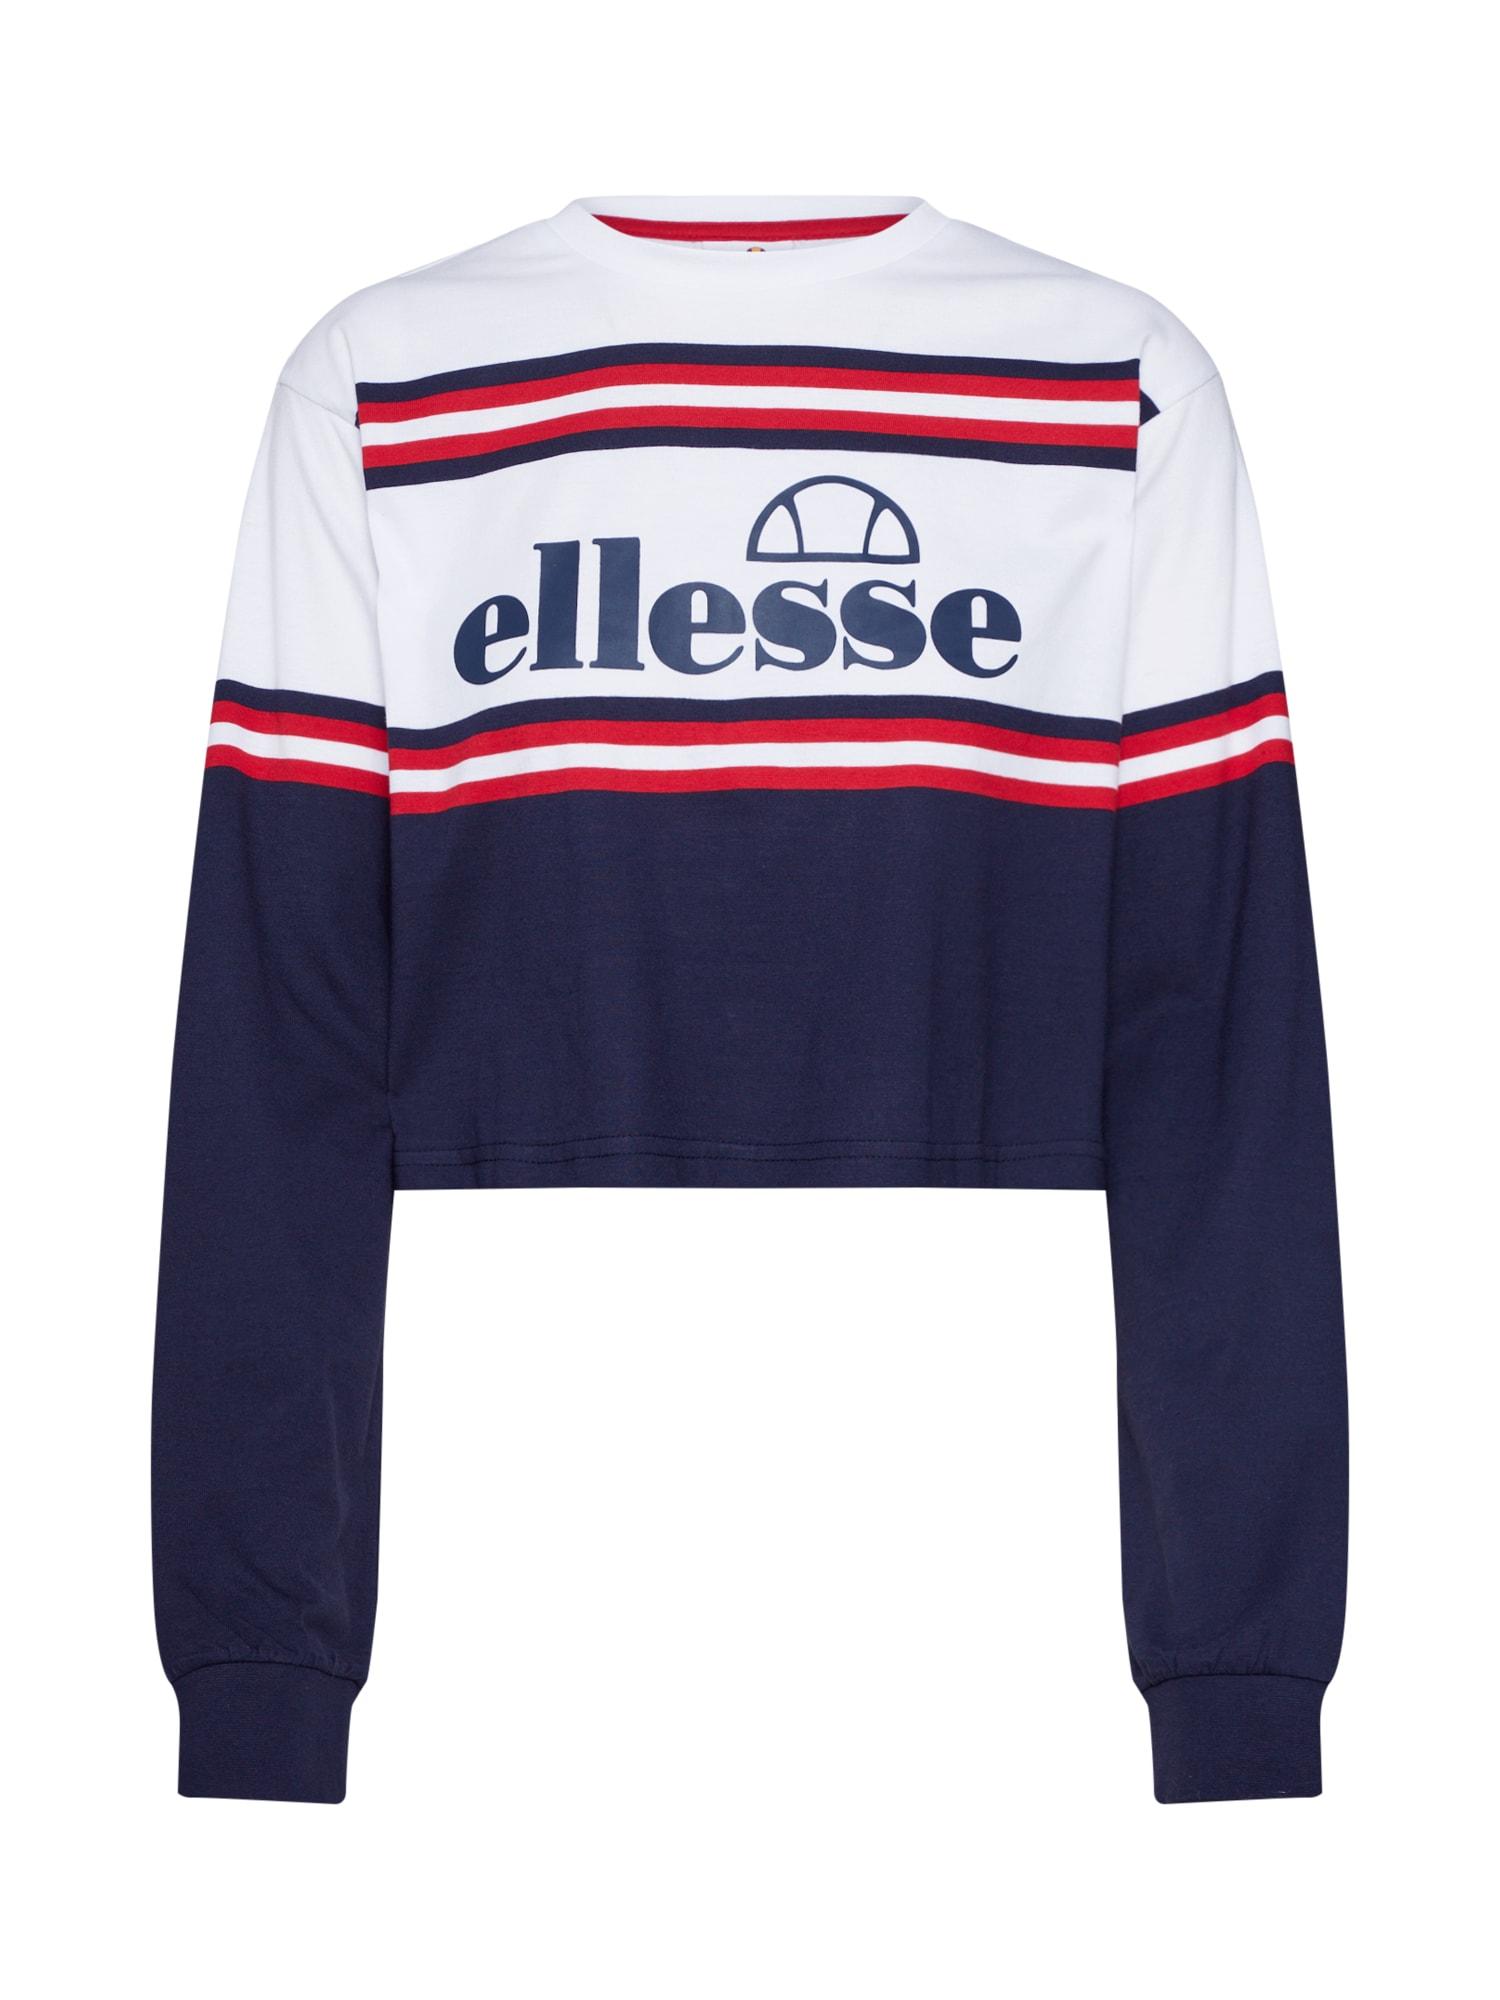 ELLESSE Megztinis 'EGLI' balta / tamsiai mėlyna